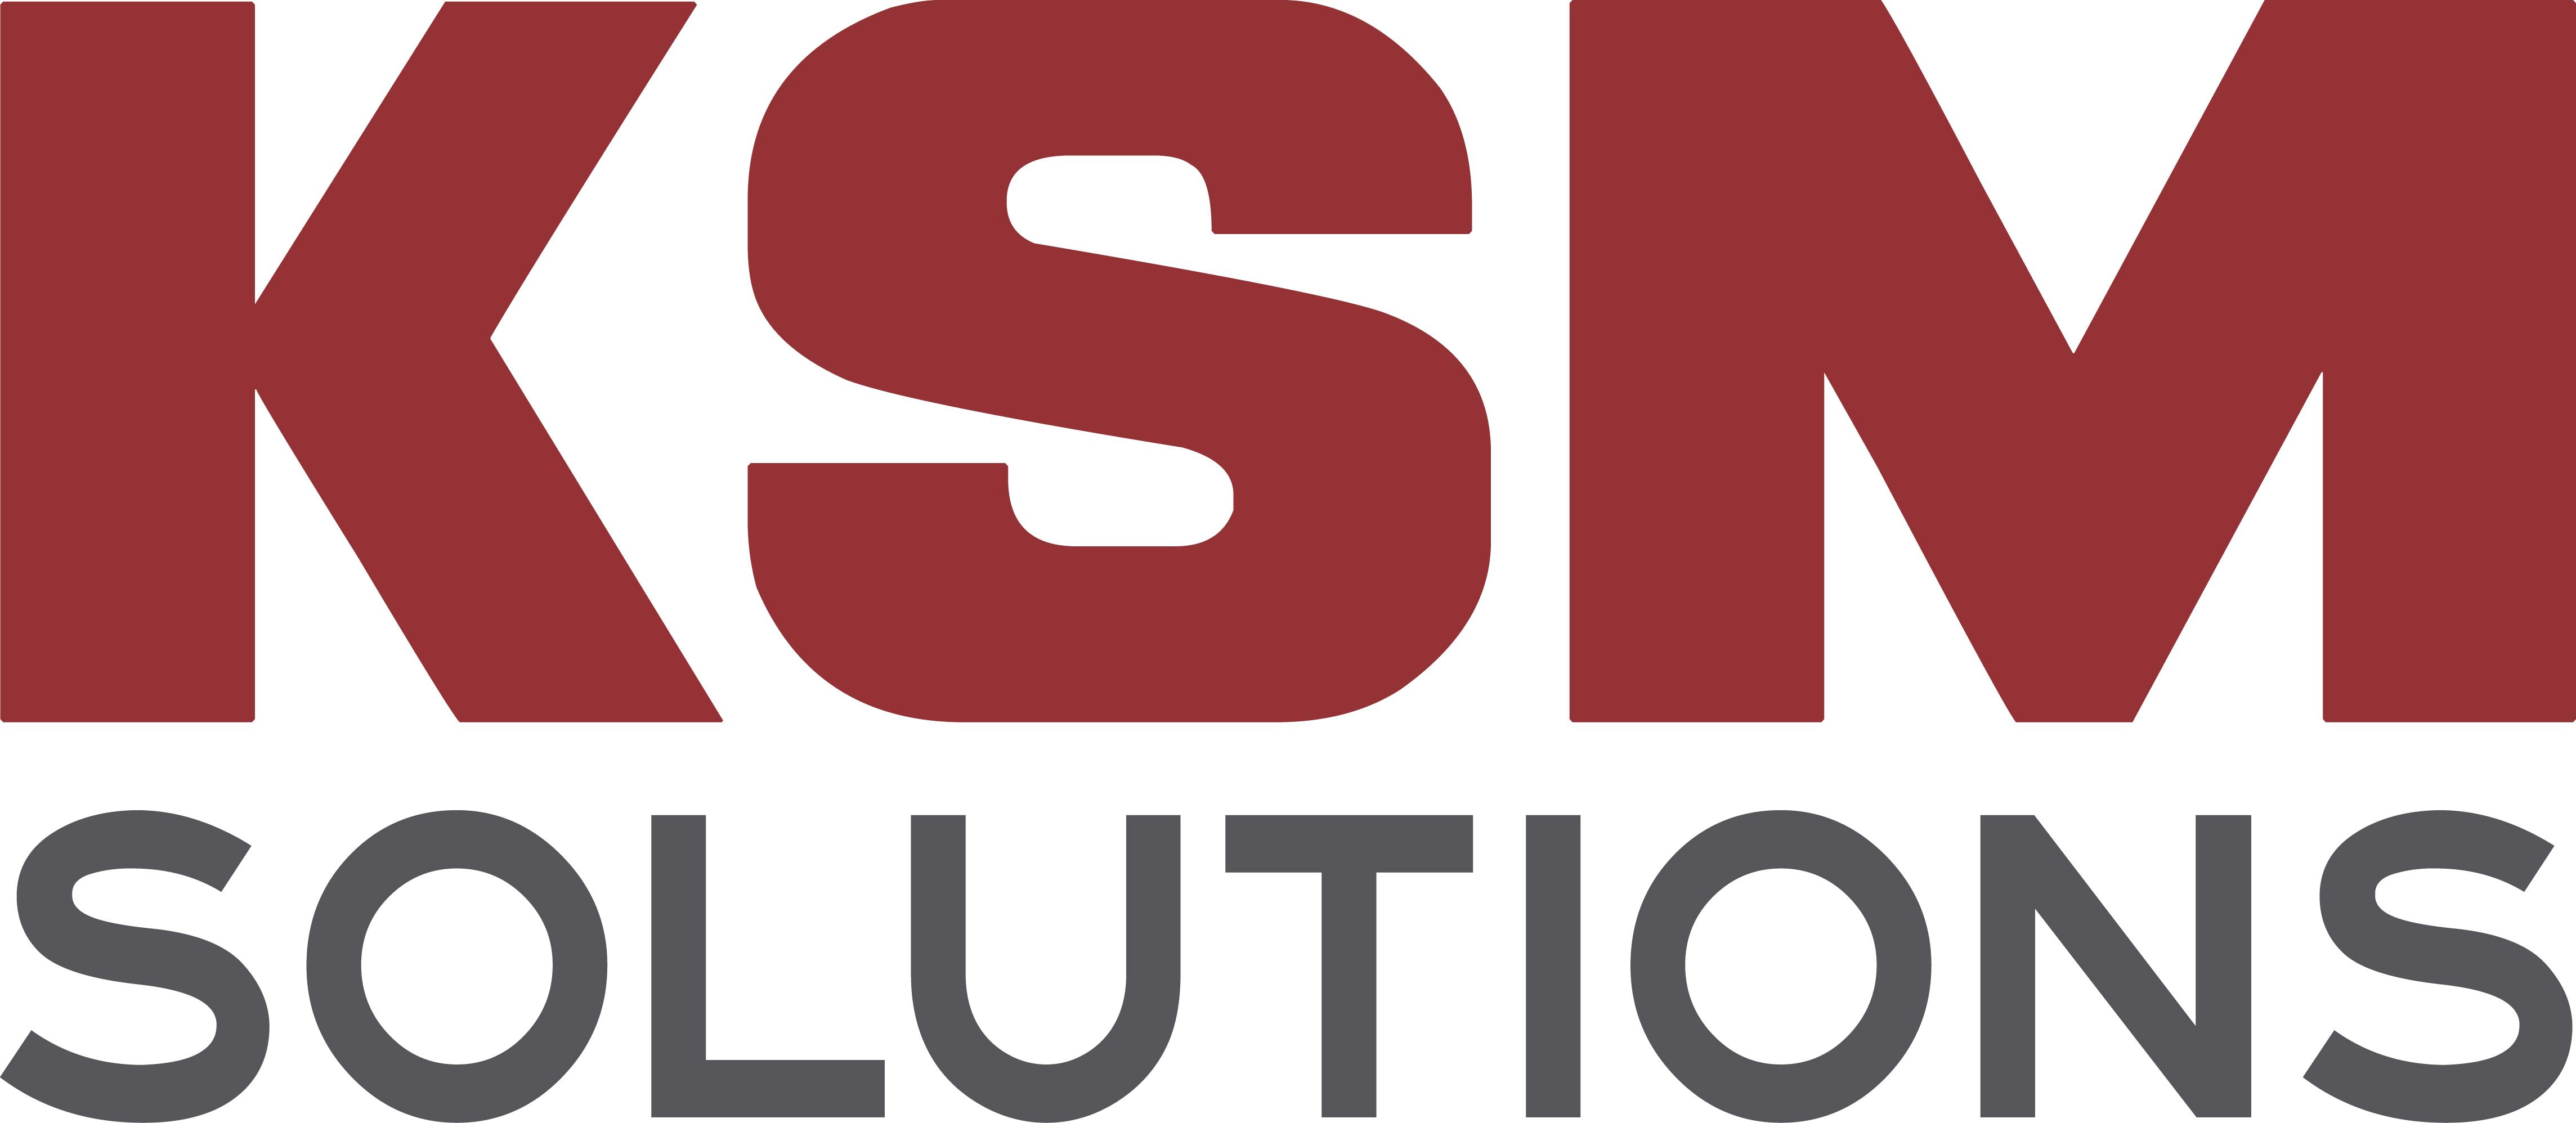 KSM Solutions